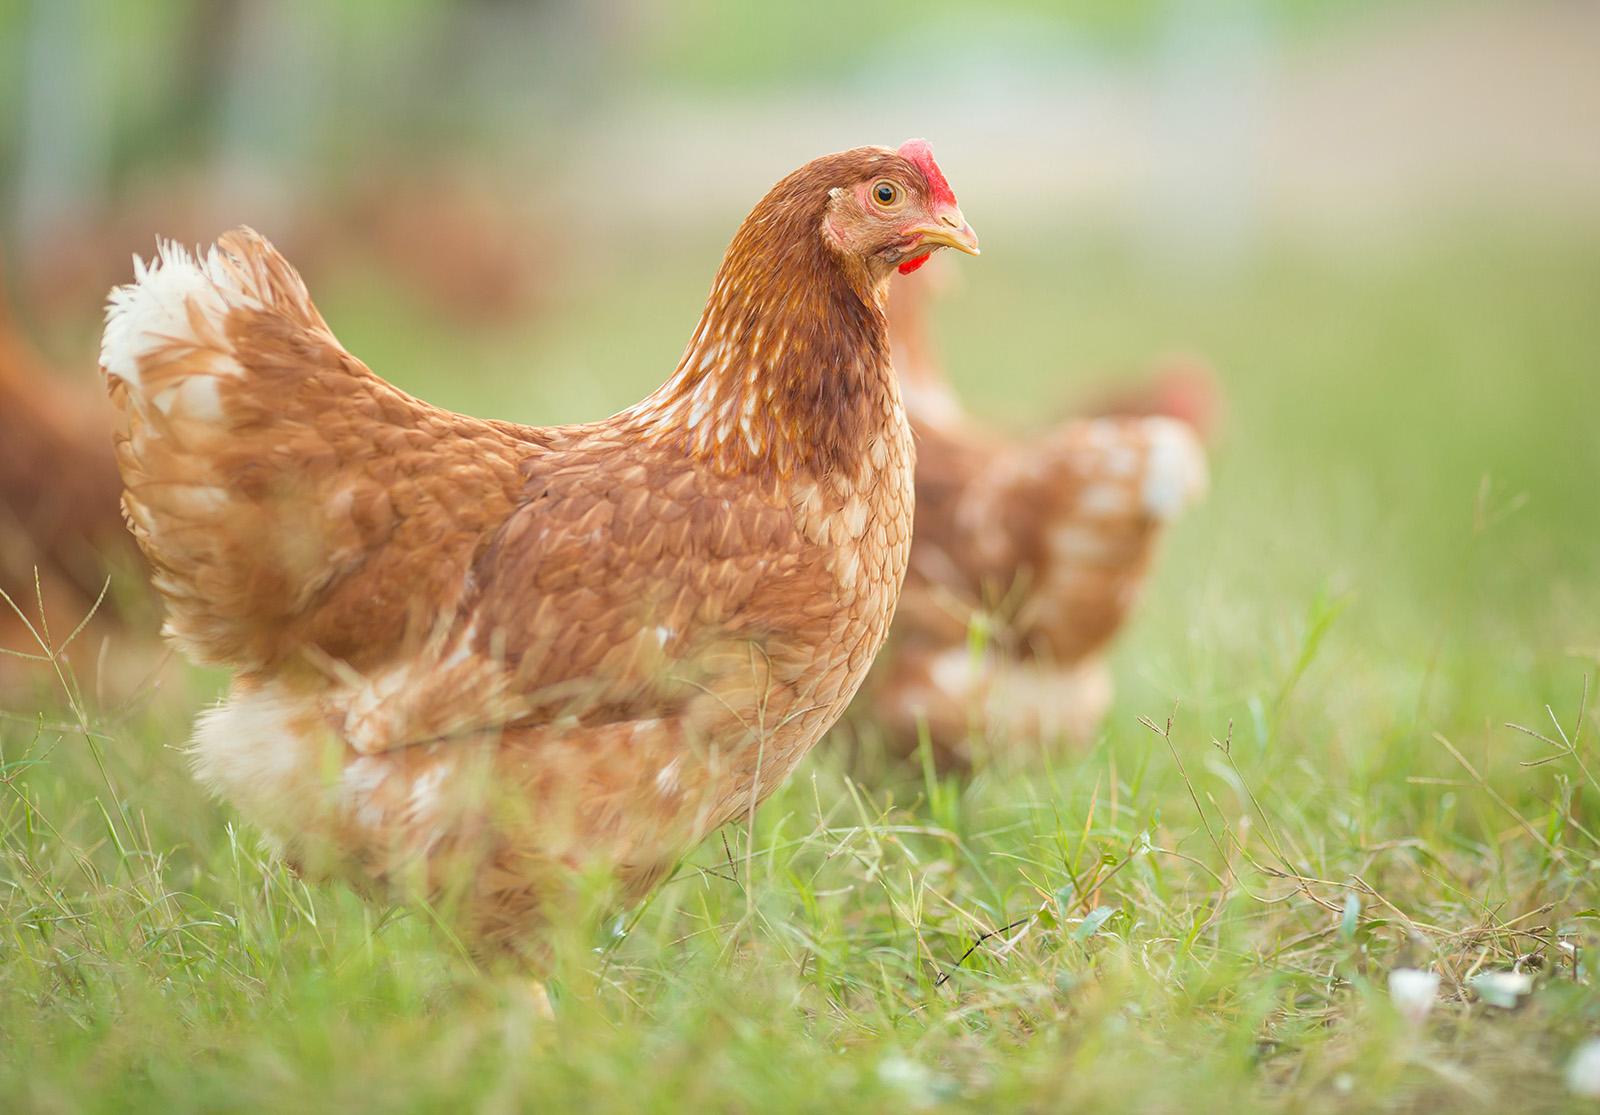 Les poules font partie de l'imaginaire des enfants en bas-âge, on les […]